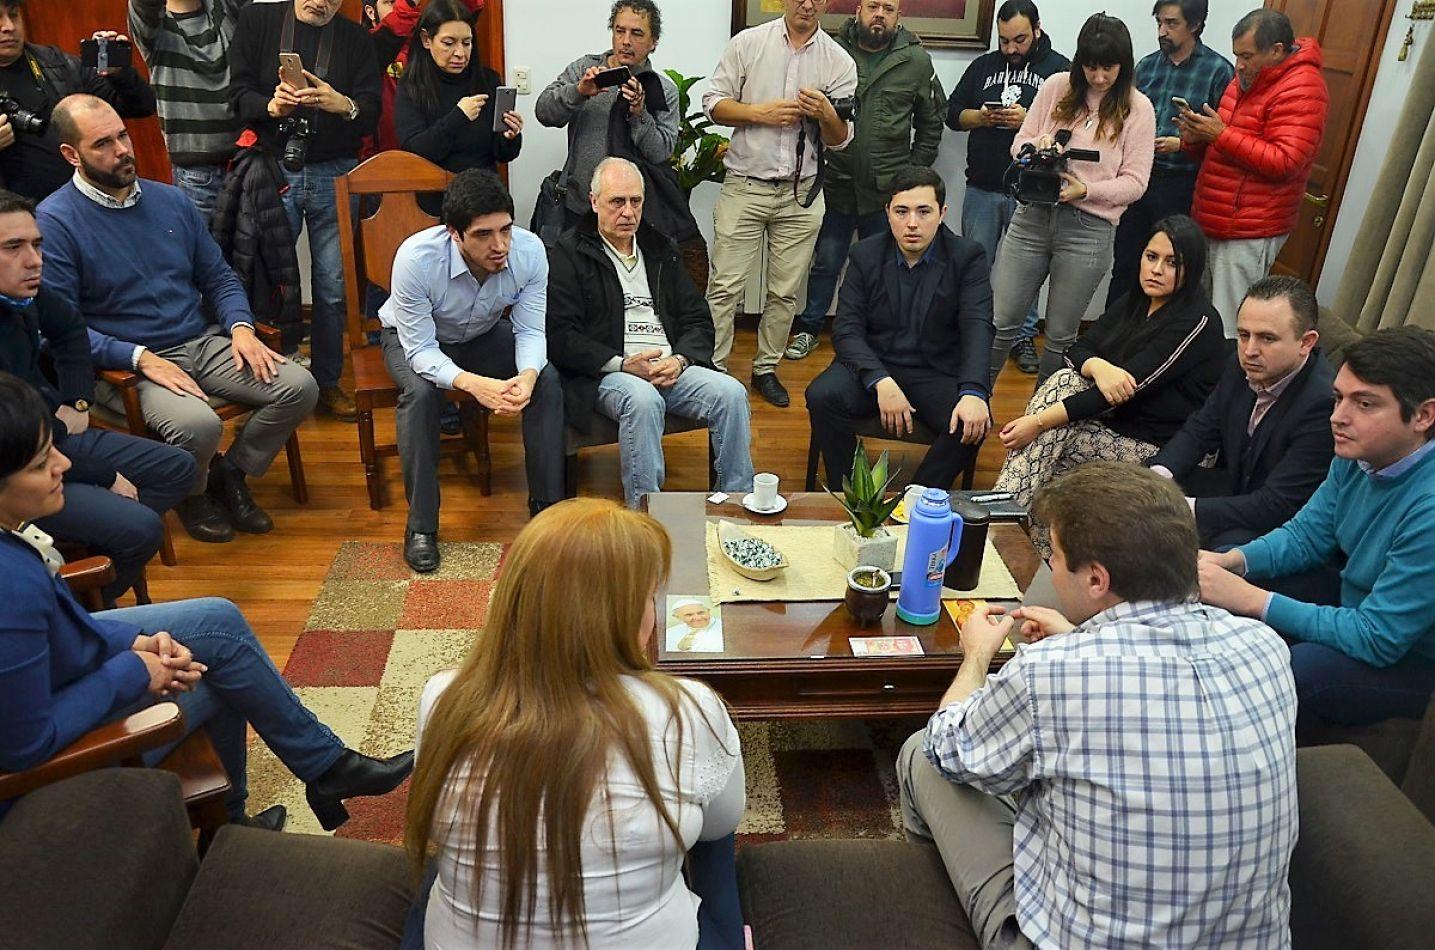 Con un clima de entendimiento, se llevó adelante la primera reunión de transición.